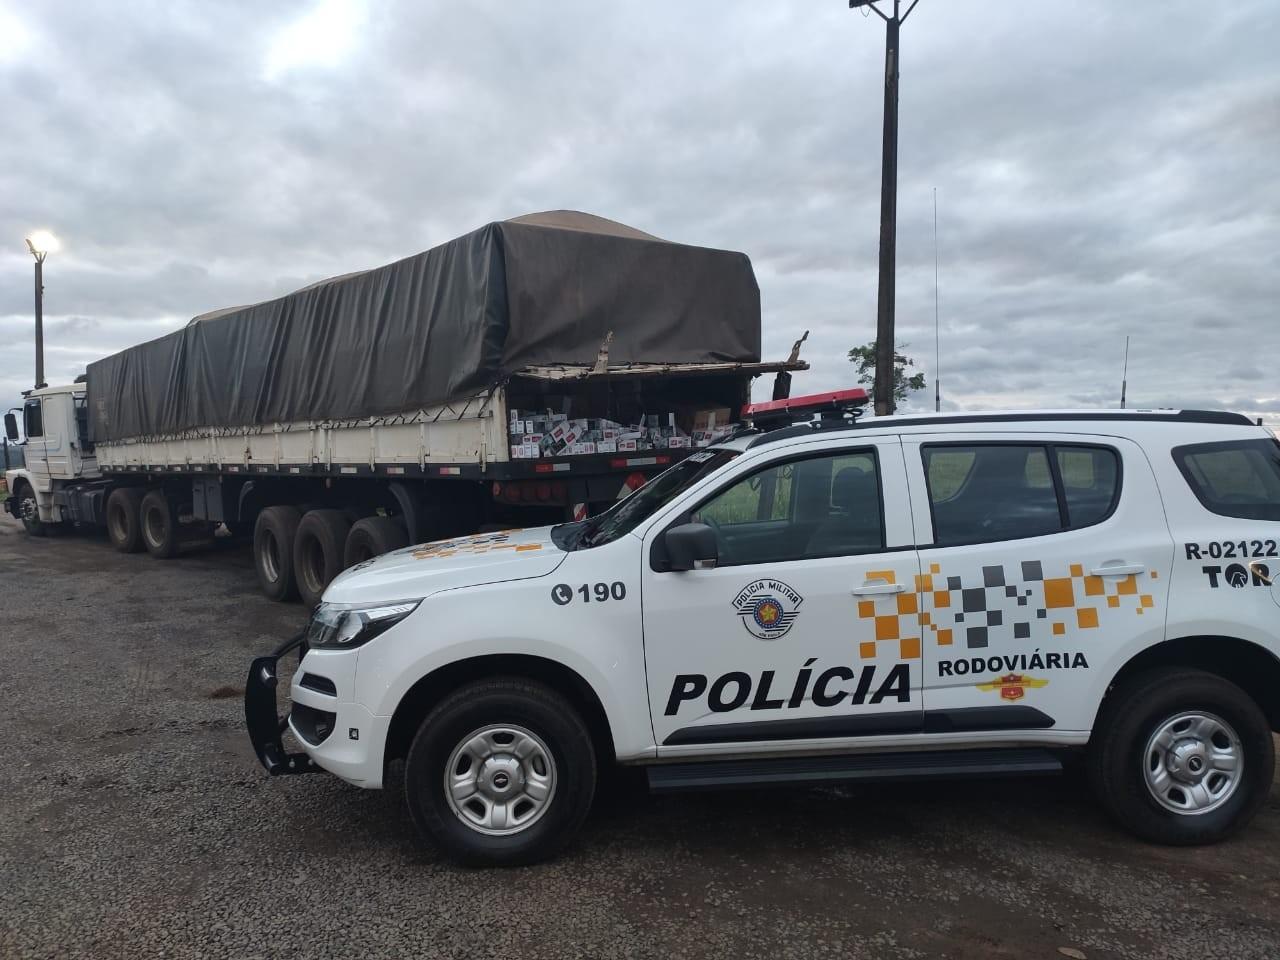 Motorista de caminhão é flagrado com quase 300 mil maços de cigarros sem nota fiscal em Avaí